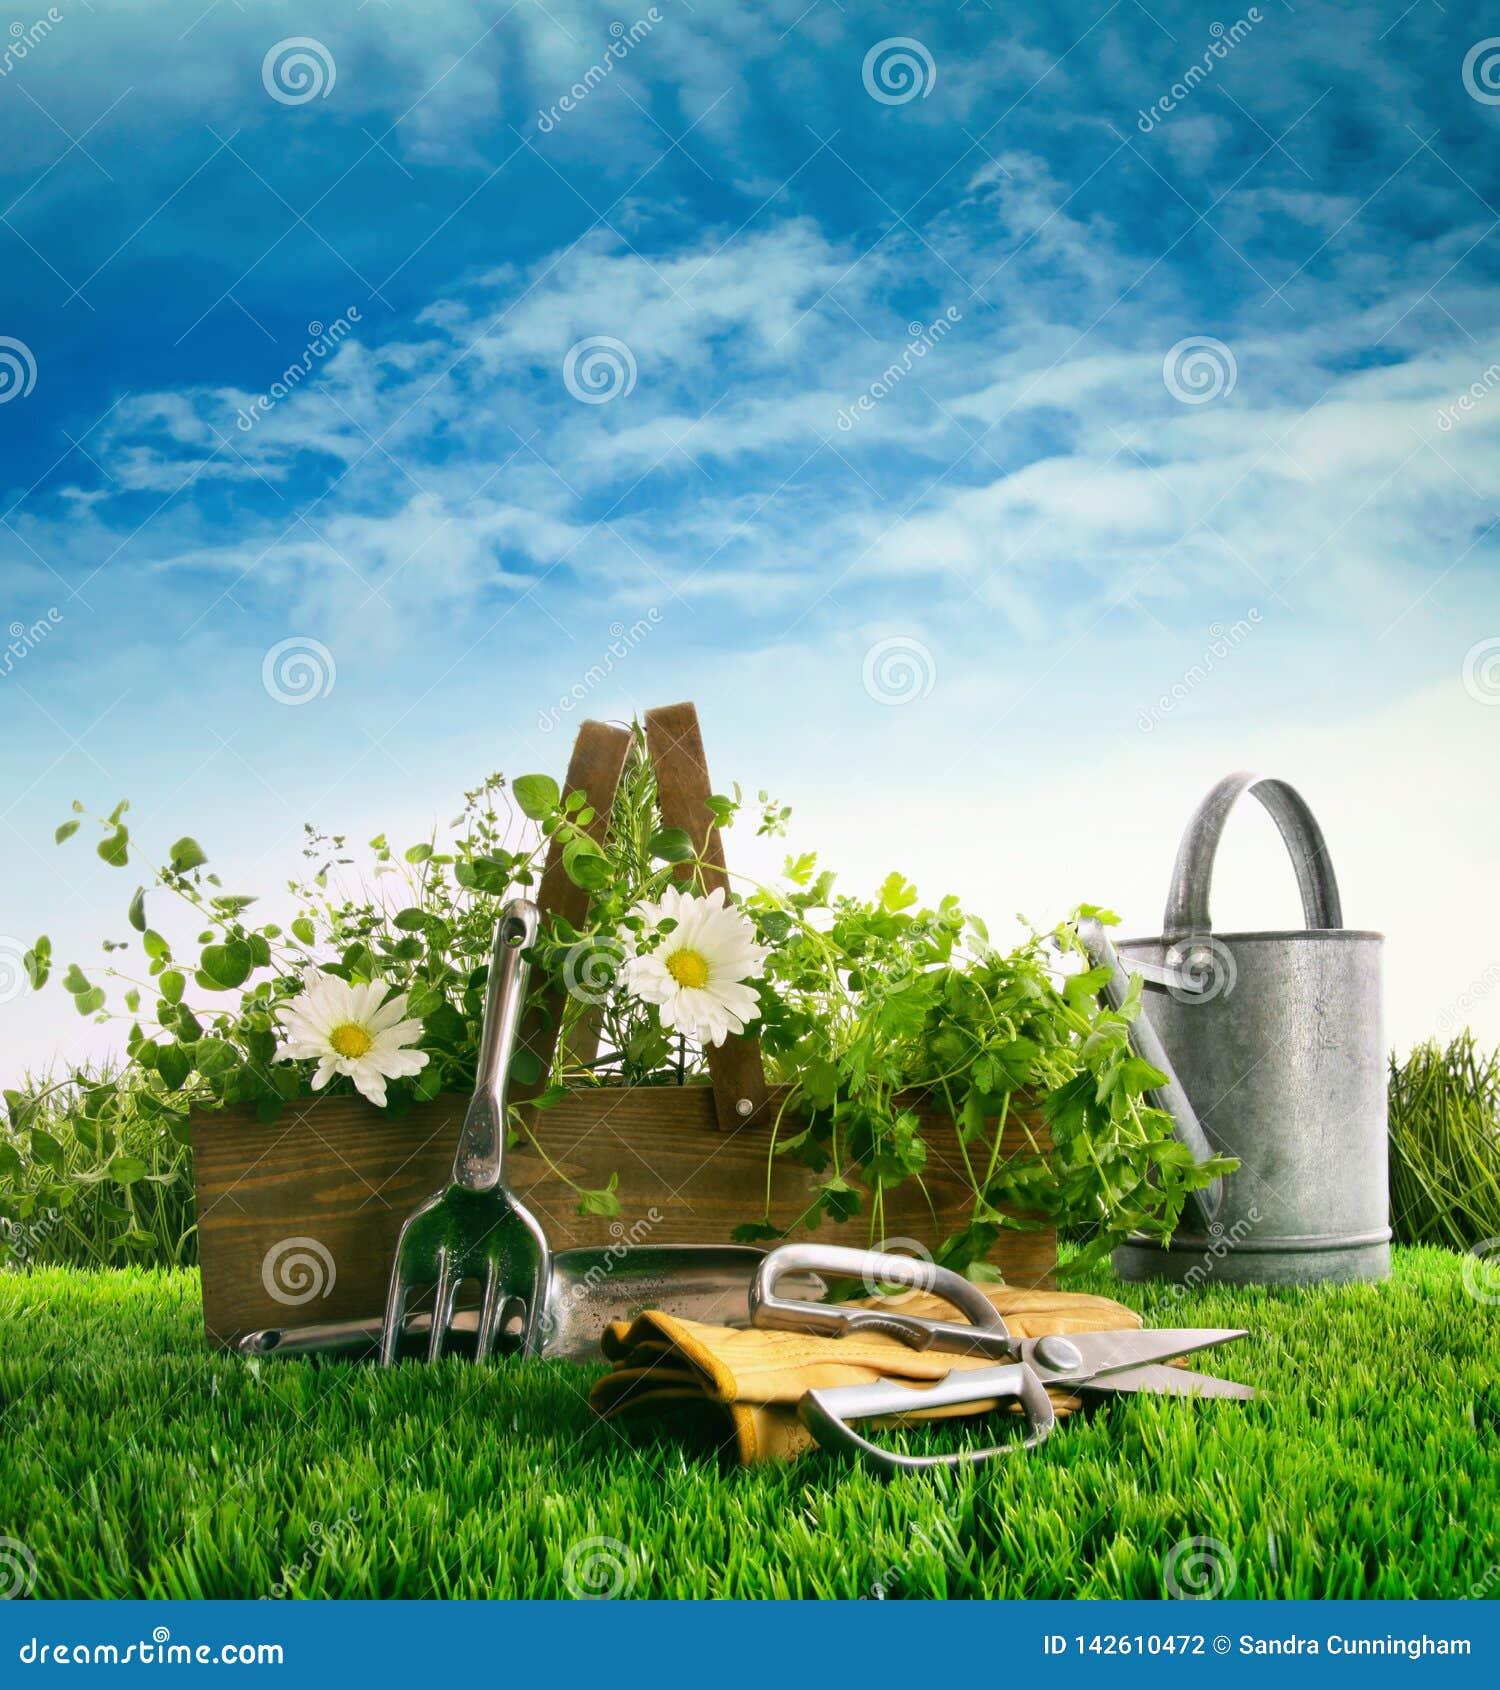 Frische Kräuter und Blumen mit Gartenwerkzeugen im Gras